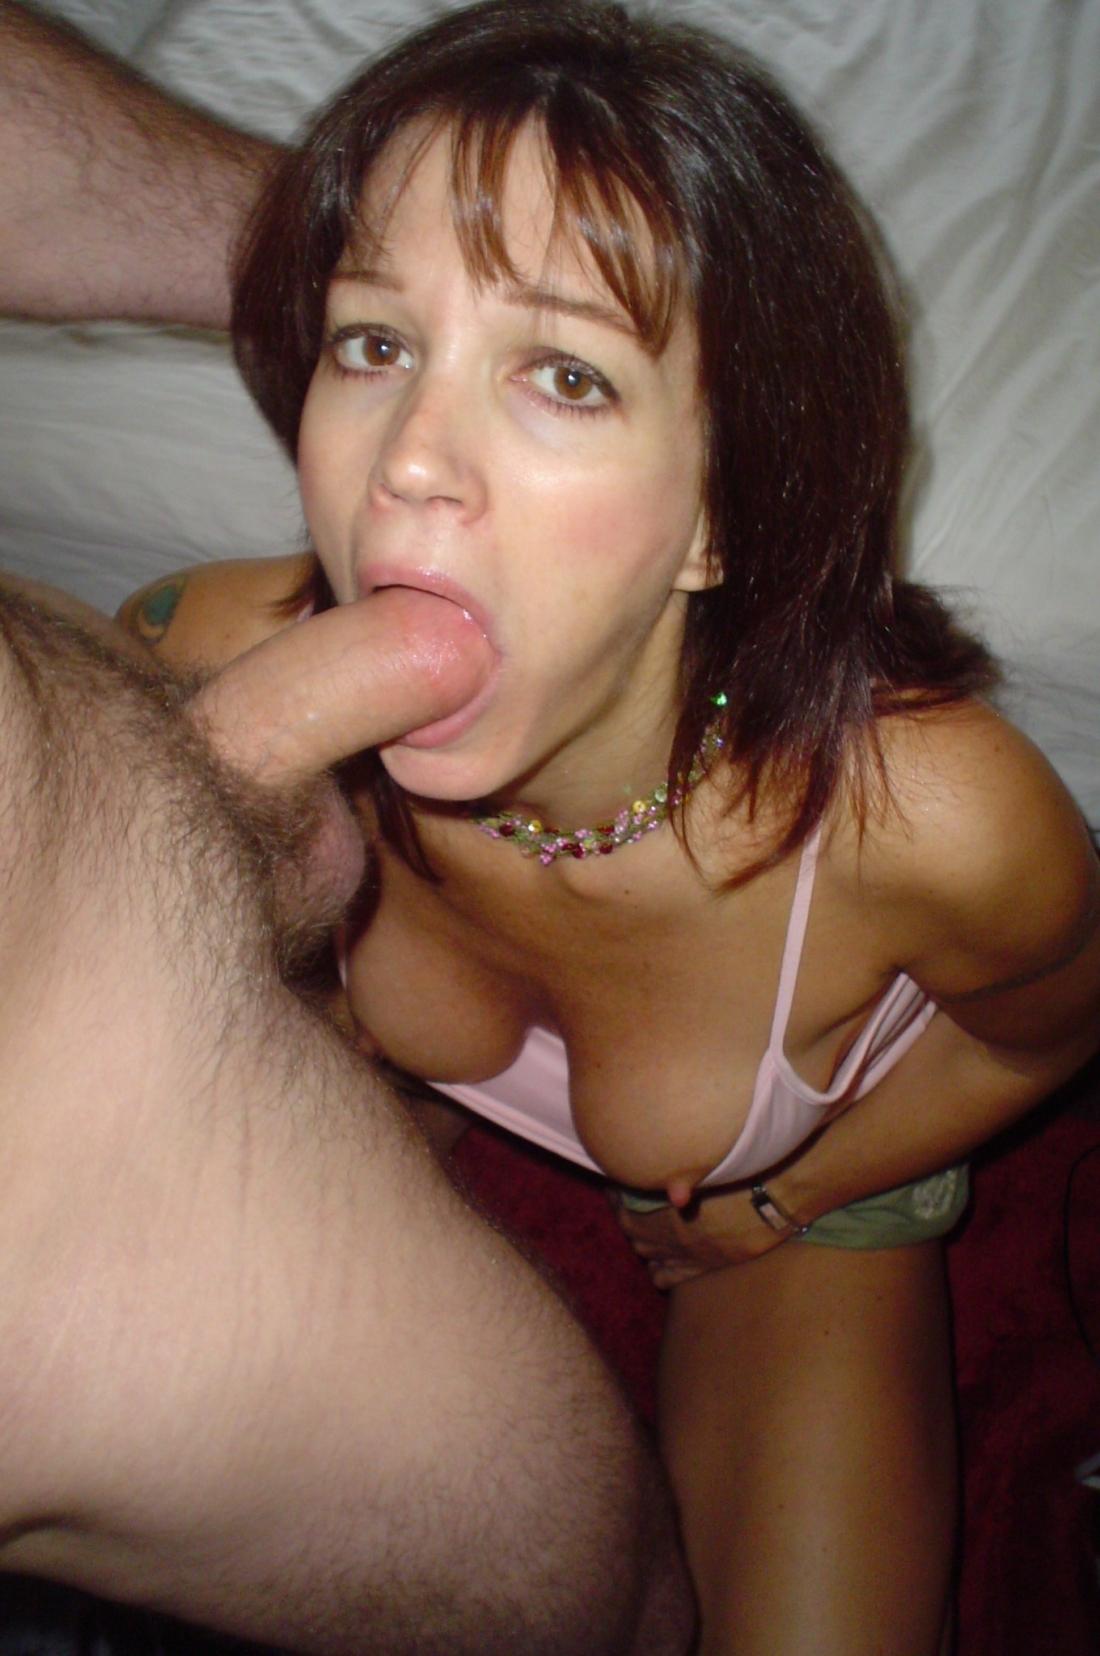 Фото женщину ставят на колени и трахает в рот 27 фотография